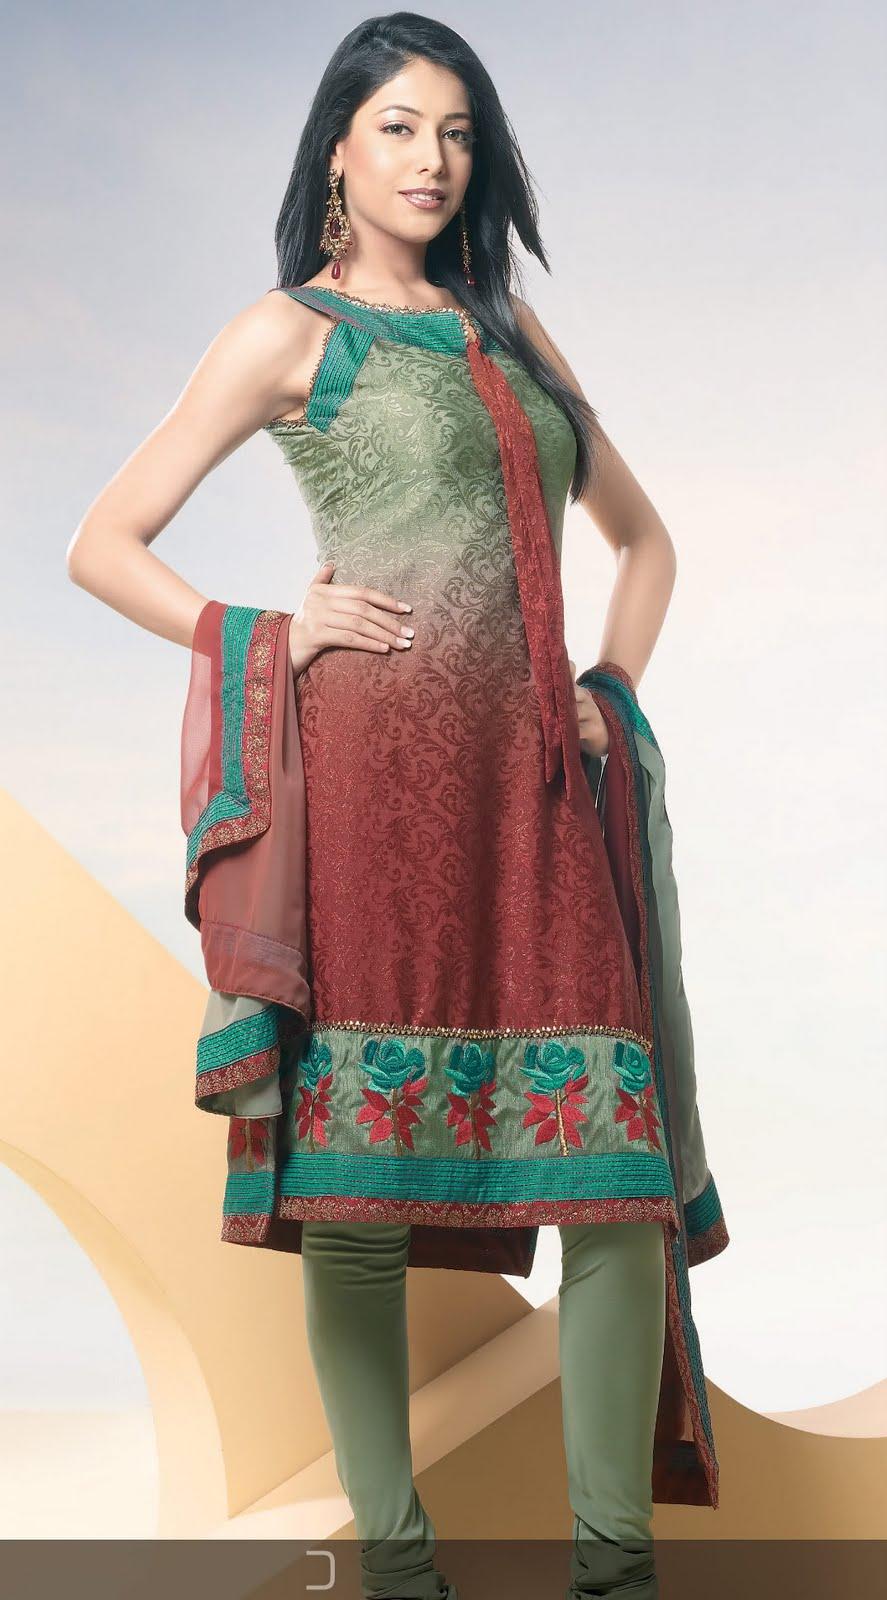 Indian pakistani clothing online